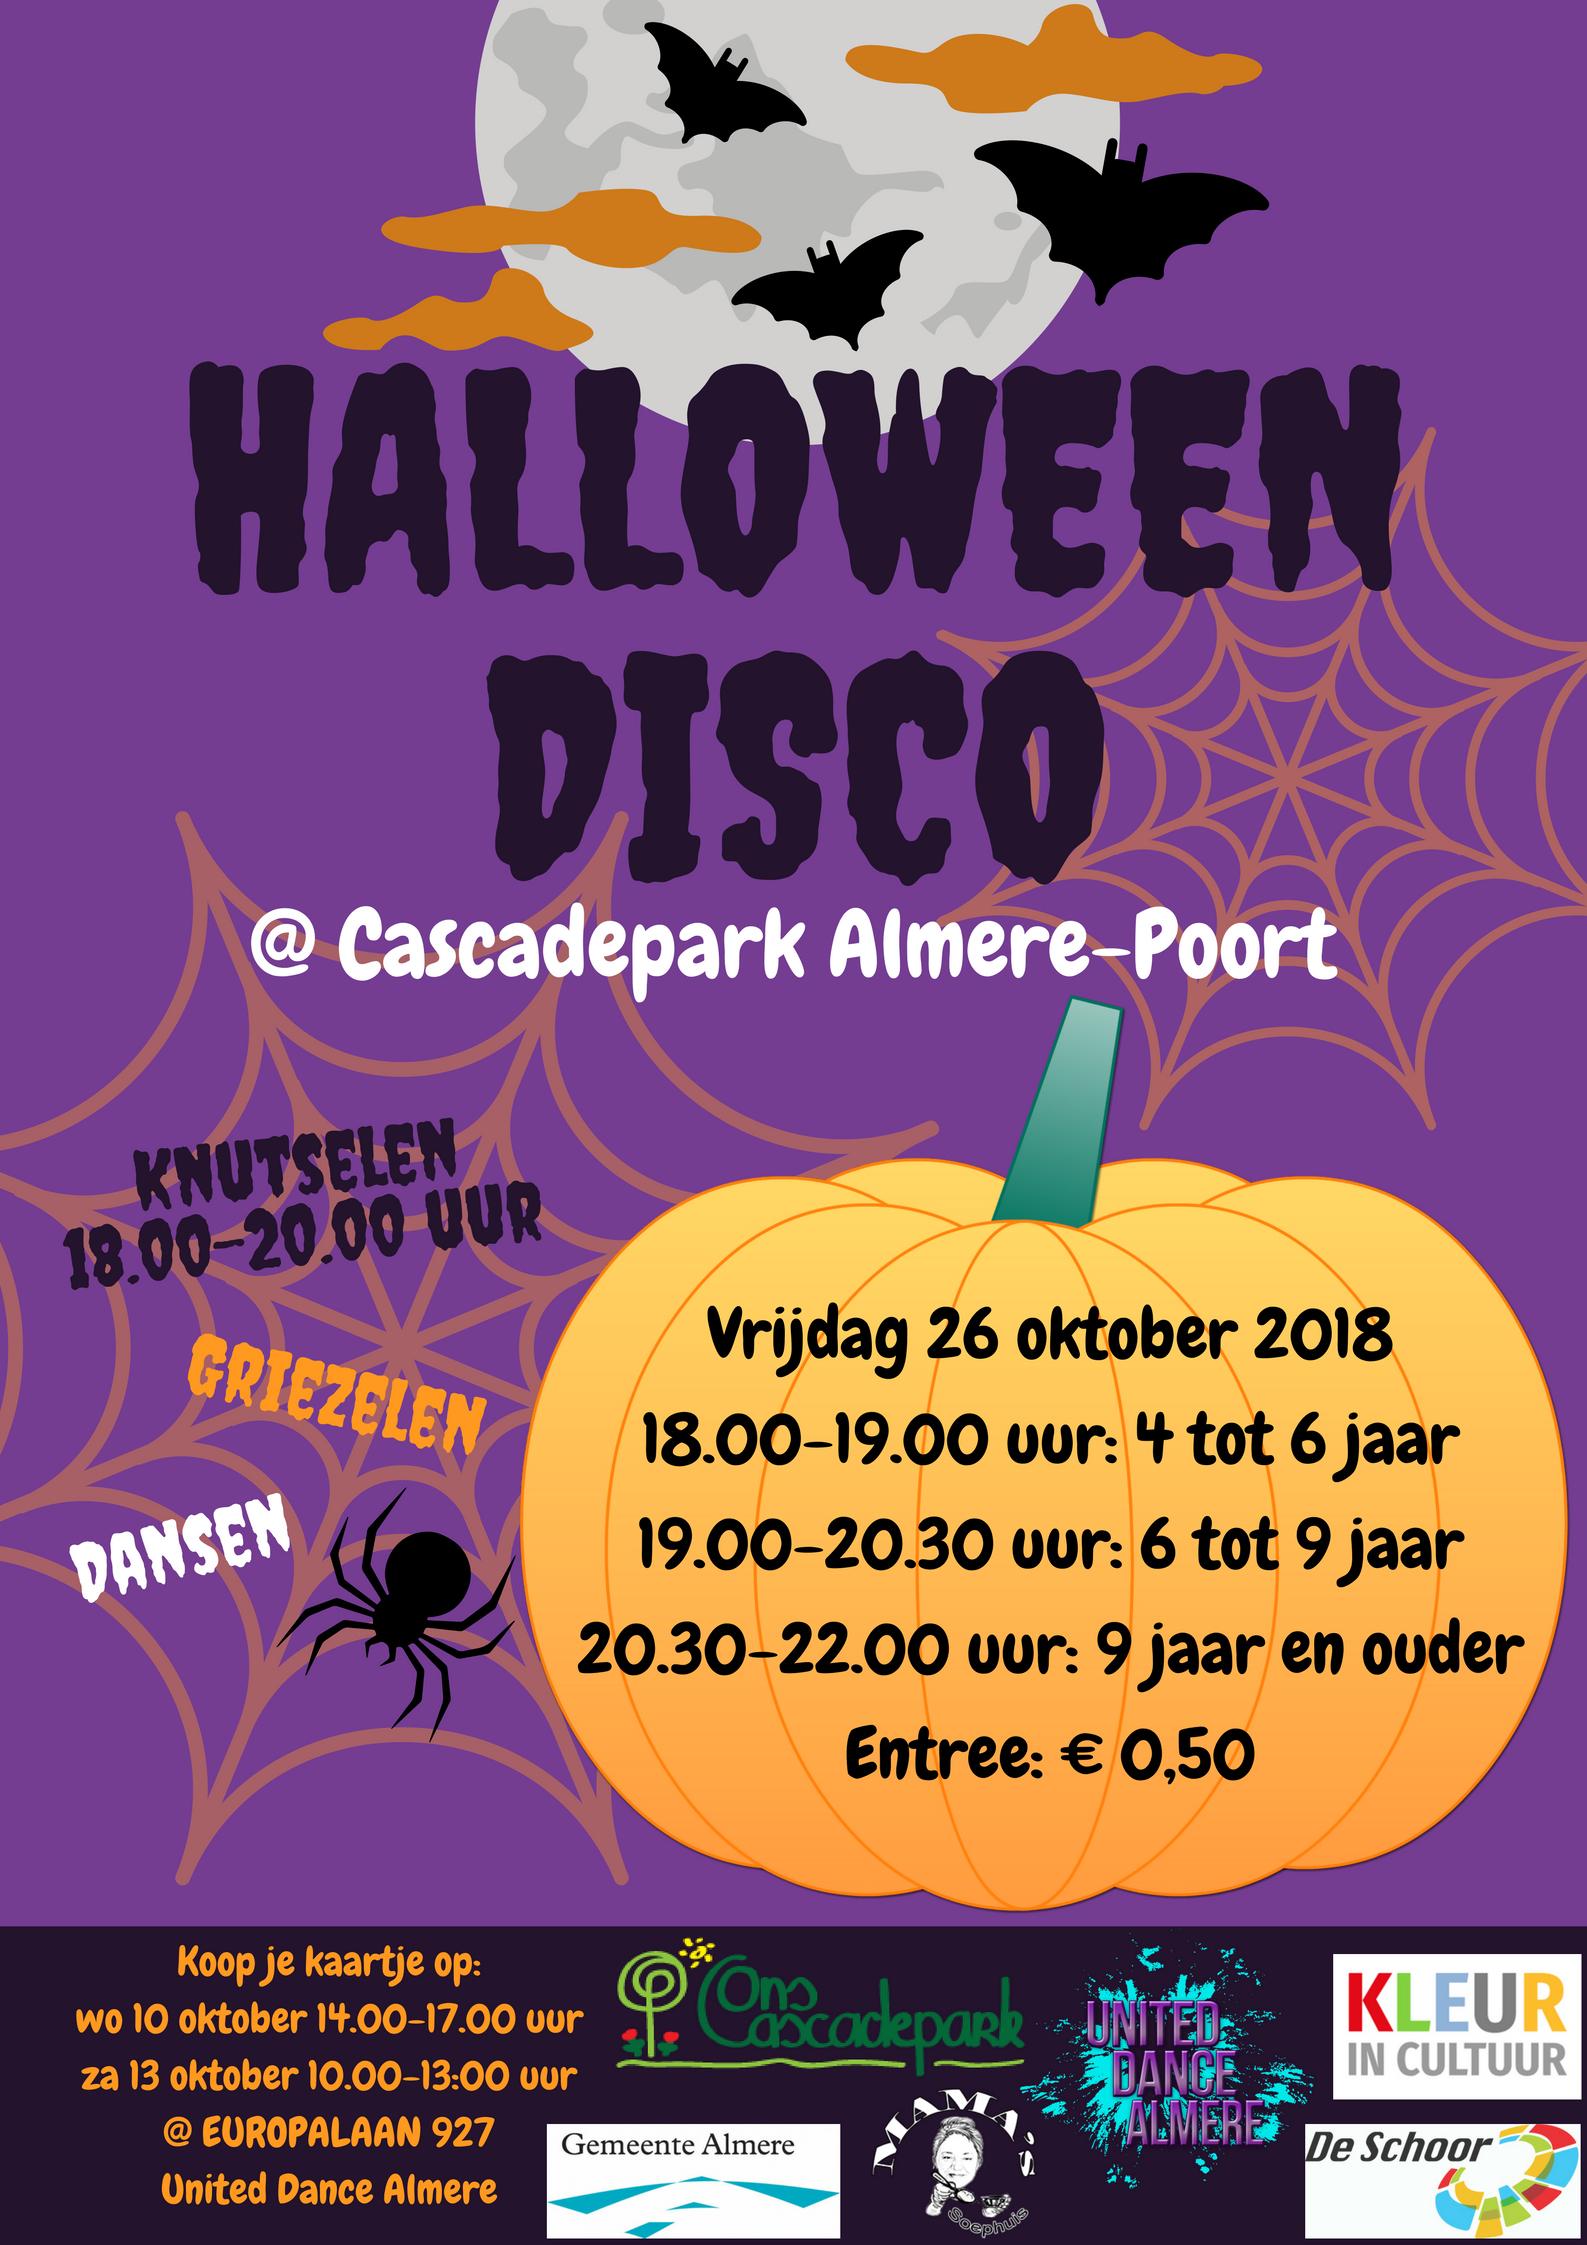 HALLOWEEN DISCO @ Cascadepark Almere-Poort